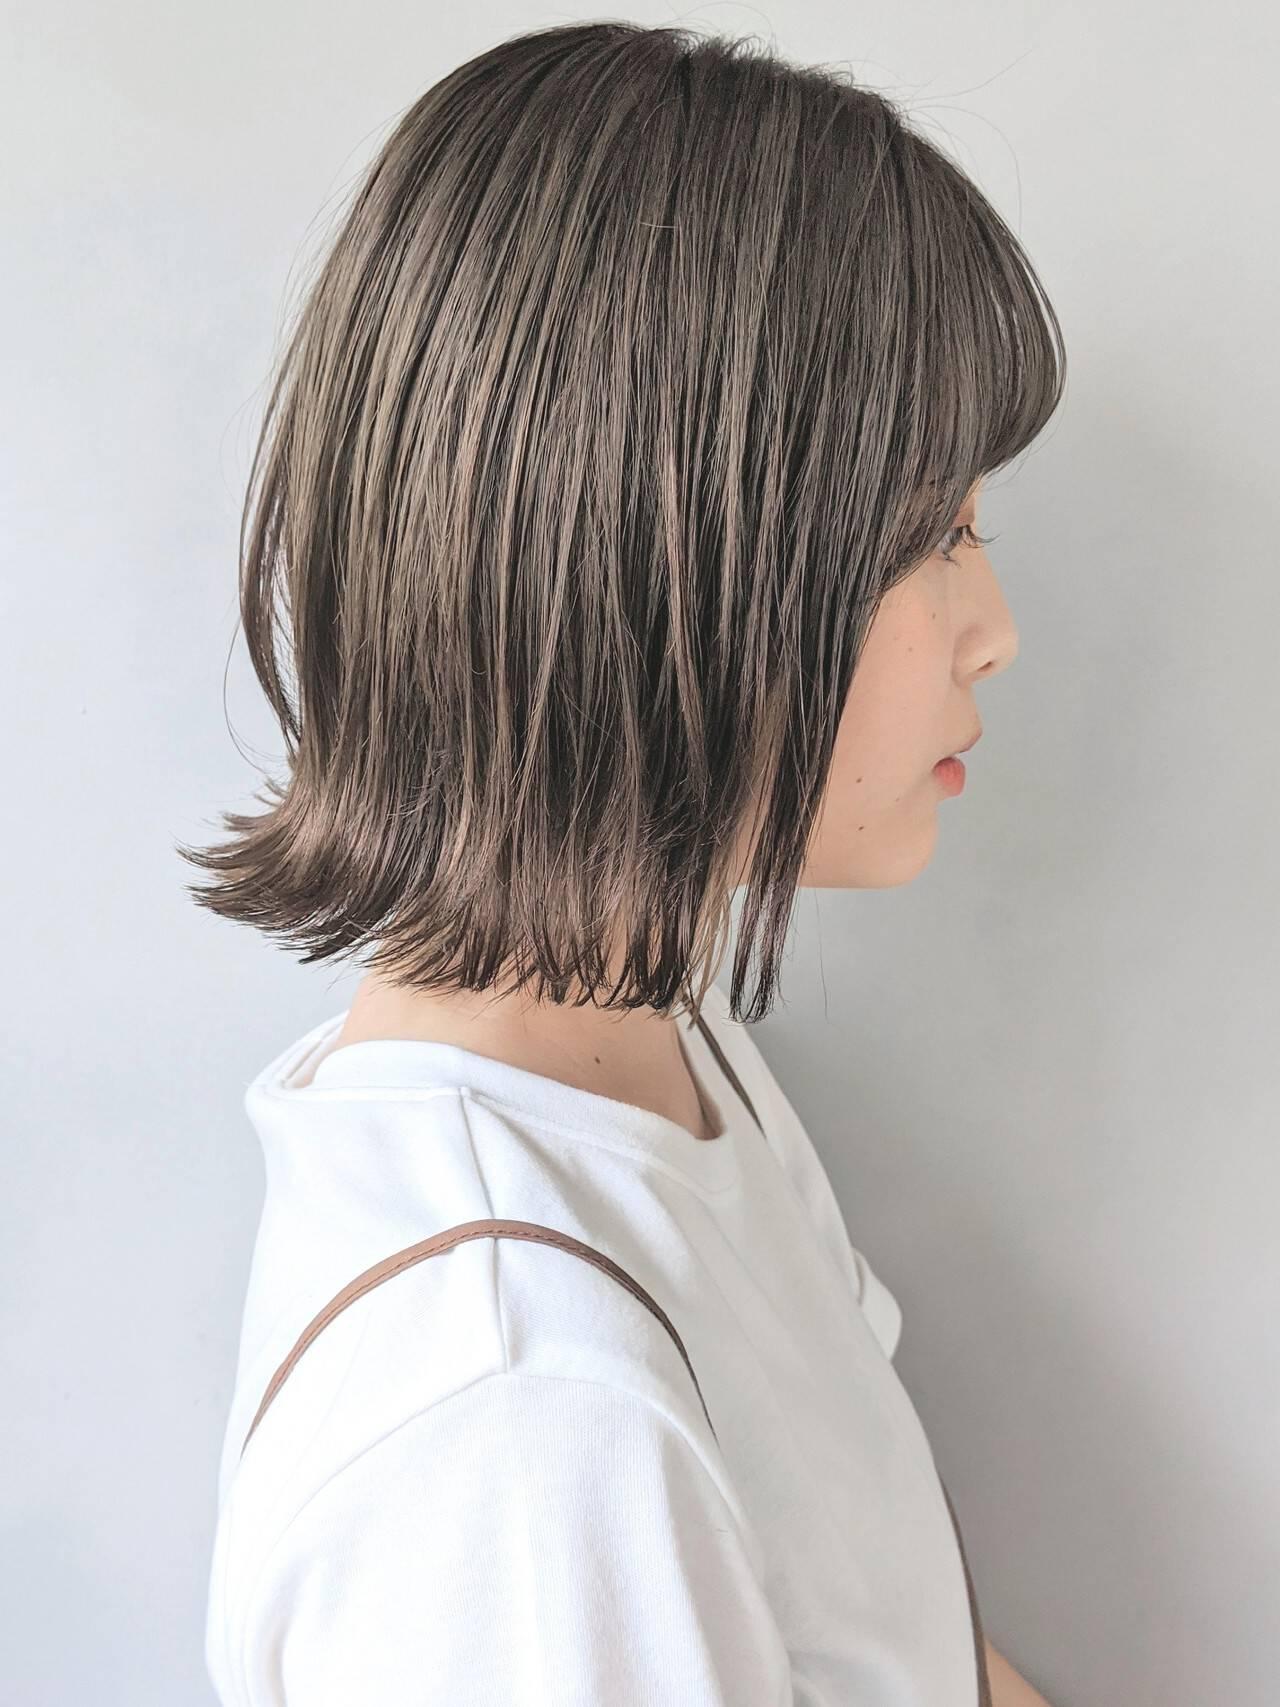 アンニュイほつれヘア シースルーバング コテ巻き風パーマ 外ハネヘアスタイルや髪型の写真・画像